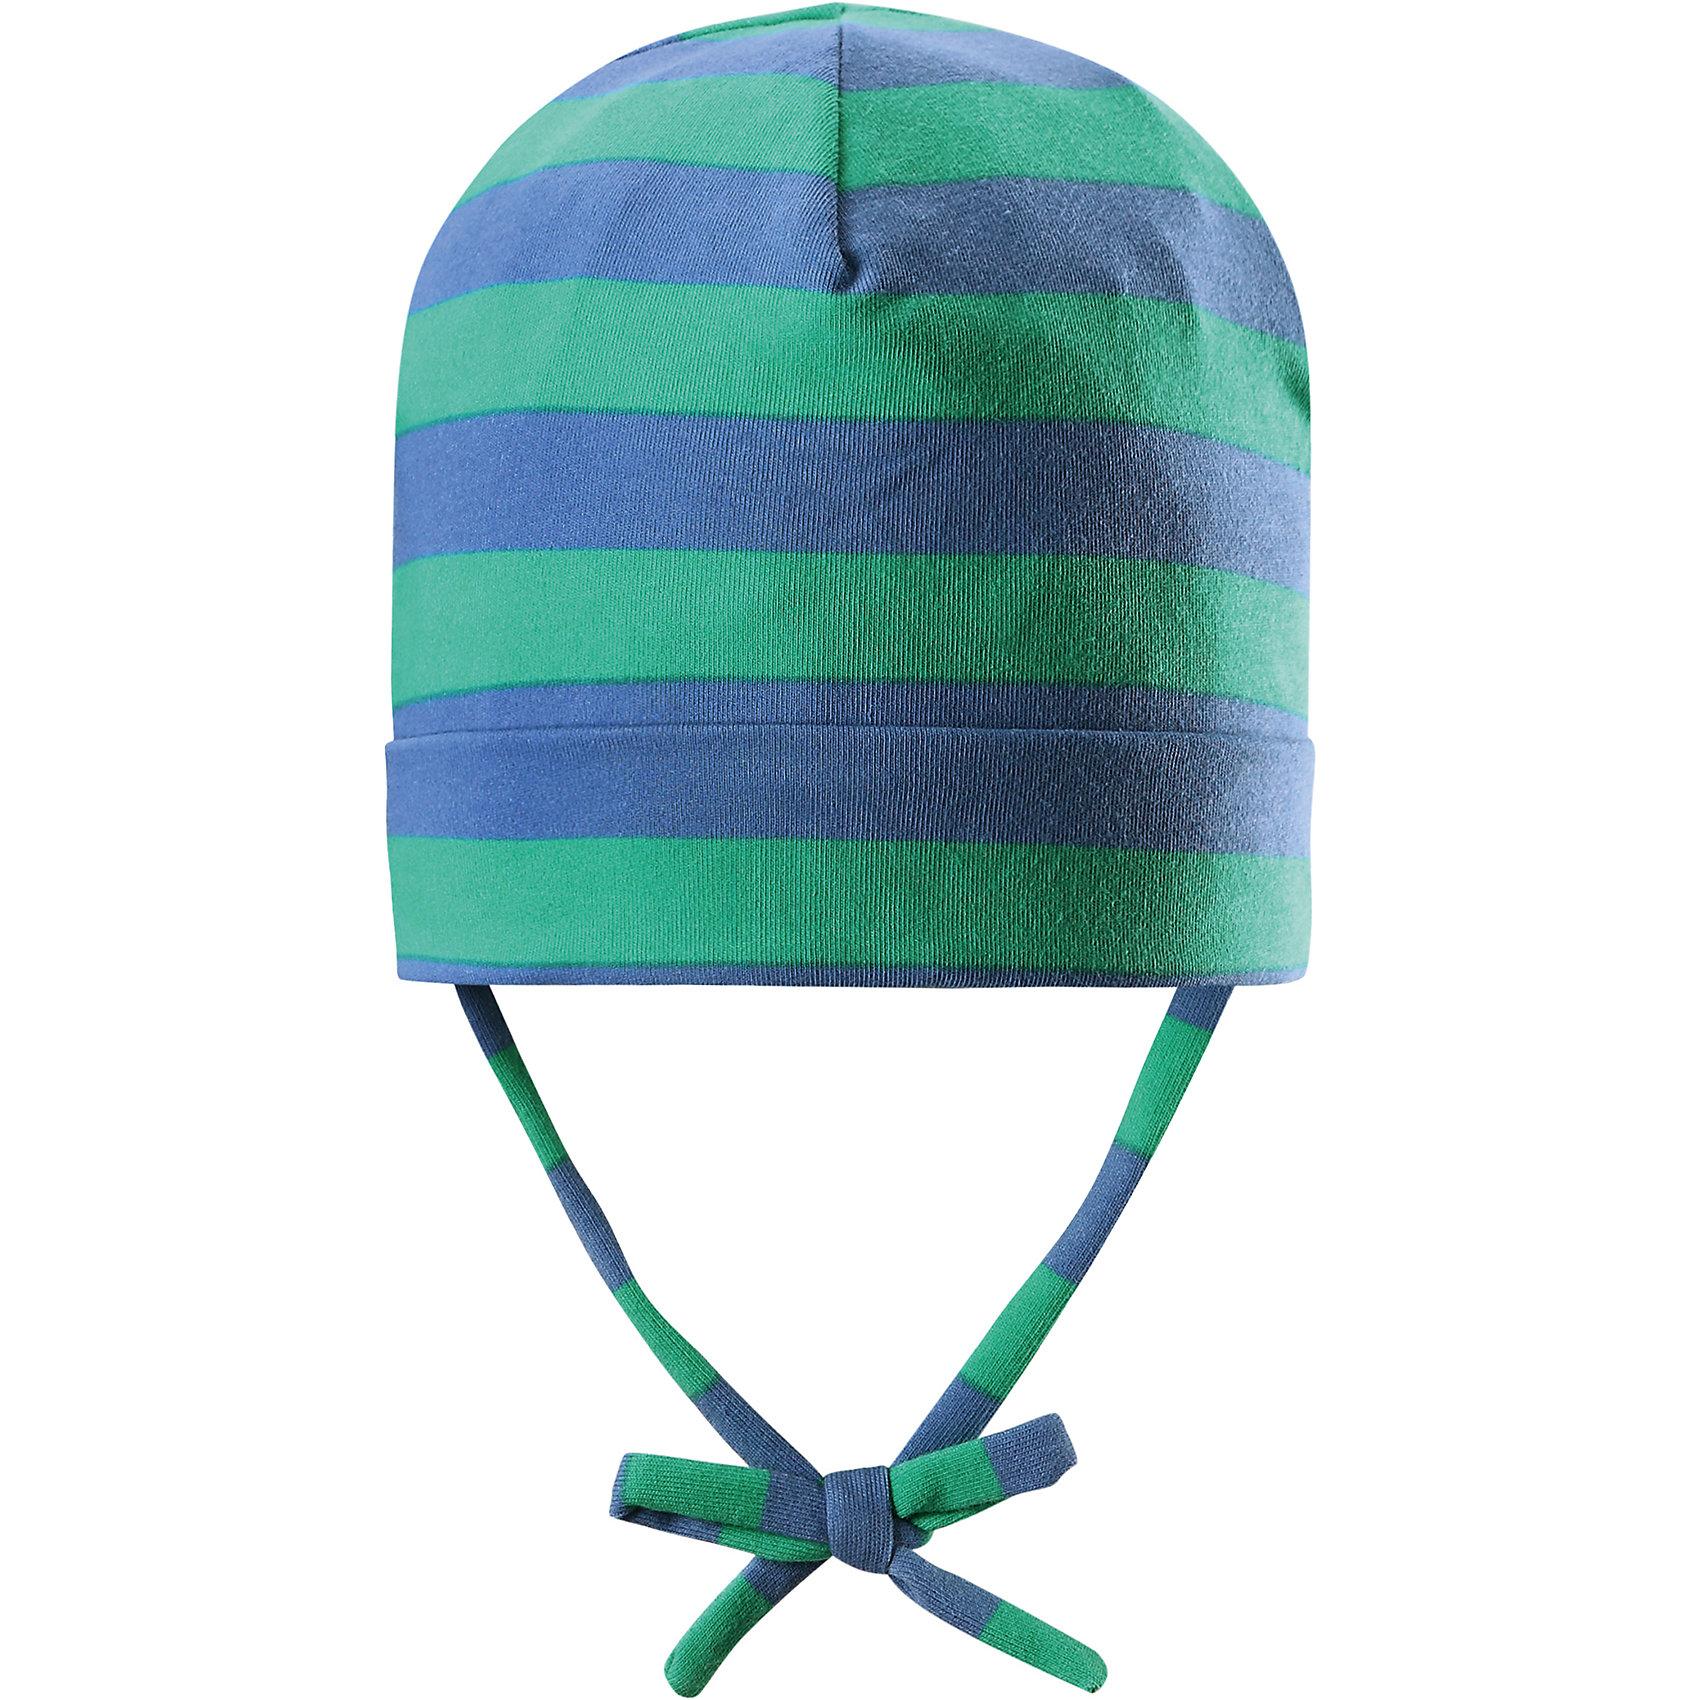 Шапка Linna ReimaШапки и шарфы<br>Характеристики товара:<br><br>• цвет: зелёный/синий<br>• состав: 65% хлопок, 30% полиэстер, 5% эластан<br>• сплошная подкладка: влаговыводящий трикотаж Play Jersey<br>• температурный режим: от 0С до +10С<br>• фактор защиты от ультрафиолета: 40+<br>• эластичный материал<br>• быстросохнущий, очень приятный на ощупь материал Play Jersey<br>• приятная на ощупь хлопковая поверхность<br>• влагоотводящая изнаночная сторона<br>• завязки во всех размерах<br>• эмблема Reima сзади<br>• страна бренда: Финляндия<br>• страна производства: Китай<br><br>Детский головной убор может быть модным и удобным одновременно! Стильная шапка поможет обеспечить ребенку комфорт и дополнить наряд. Шапка удобно сидит и аккуратно выглядит. Проста в уходе, долго служит. Стильный дизайн разрабатывался специально для детей. Отличная защита от дождя и ветра!<br><br>Уход:<br><br>• стирать с бельем одинакового цвета, вывернув наизнанку<br>• полоскать без специального средства<br>• придать первоначальную форму вo влажном виде.<br><br>Шапку от финского бренда Reima (Рейма) можно купить в нашем интернет-магазине.<br><br>Ширина мм: 89<br>Глубина мм: 117<br>Высота мм: 44<br>Вес г: 155<br>Цвет: зеленый<br>Возраст от месяцев: 18<br>Возраст до месяцев: 36<br>Пол: Унисекс<br>Возраст: Детский<br>Размер: 46,48,50,52<br>SKU: 5271015